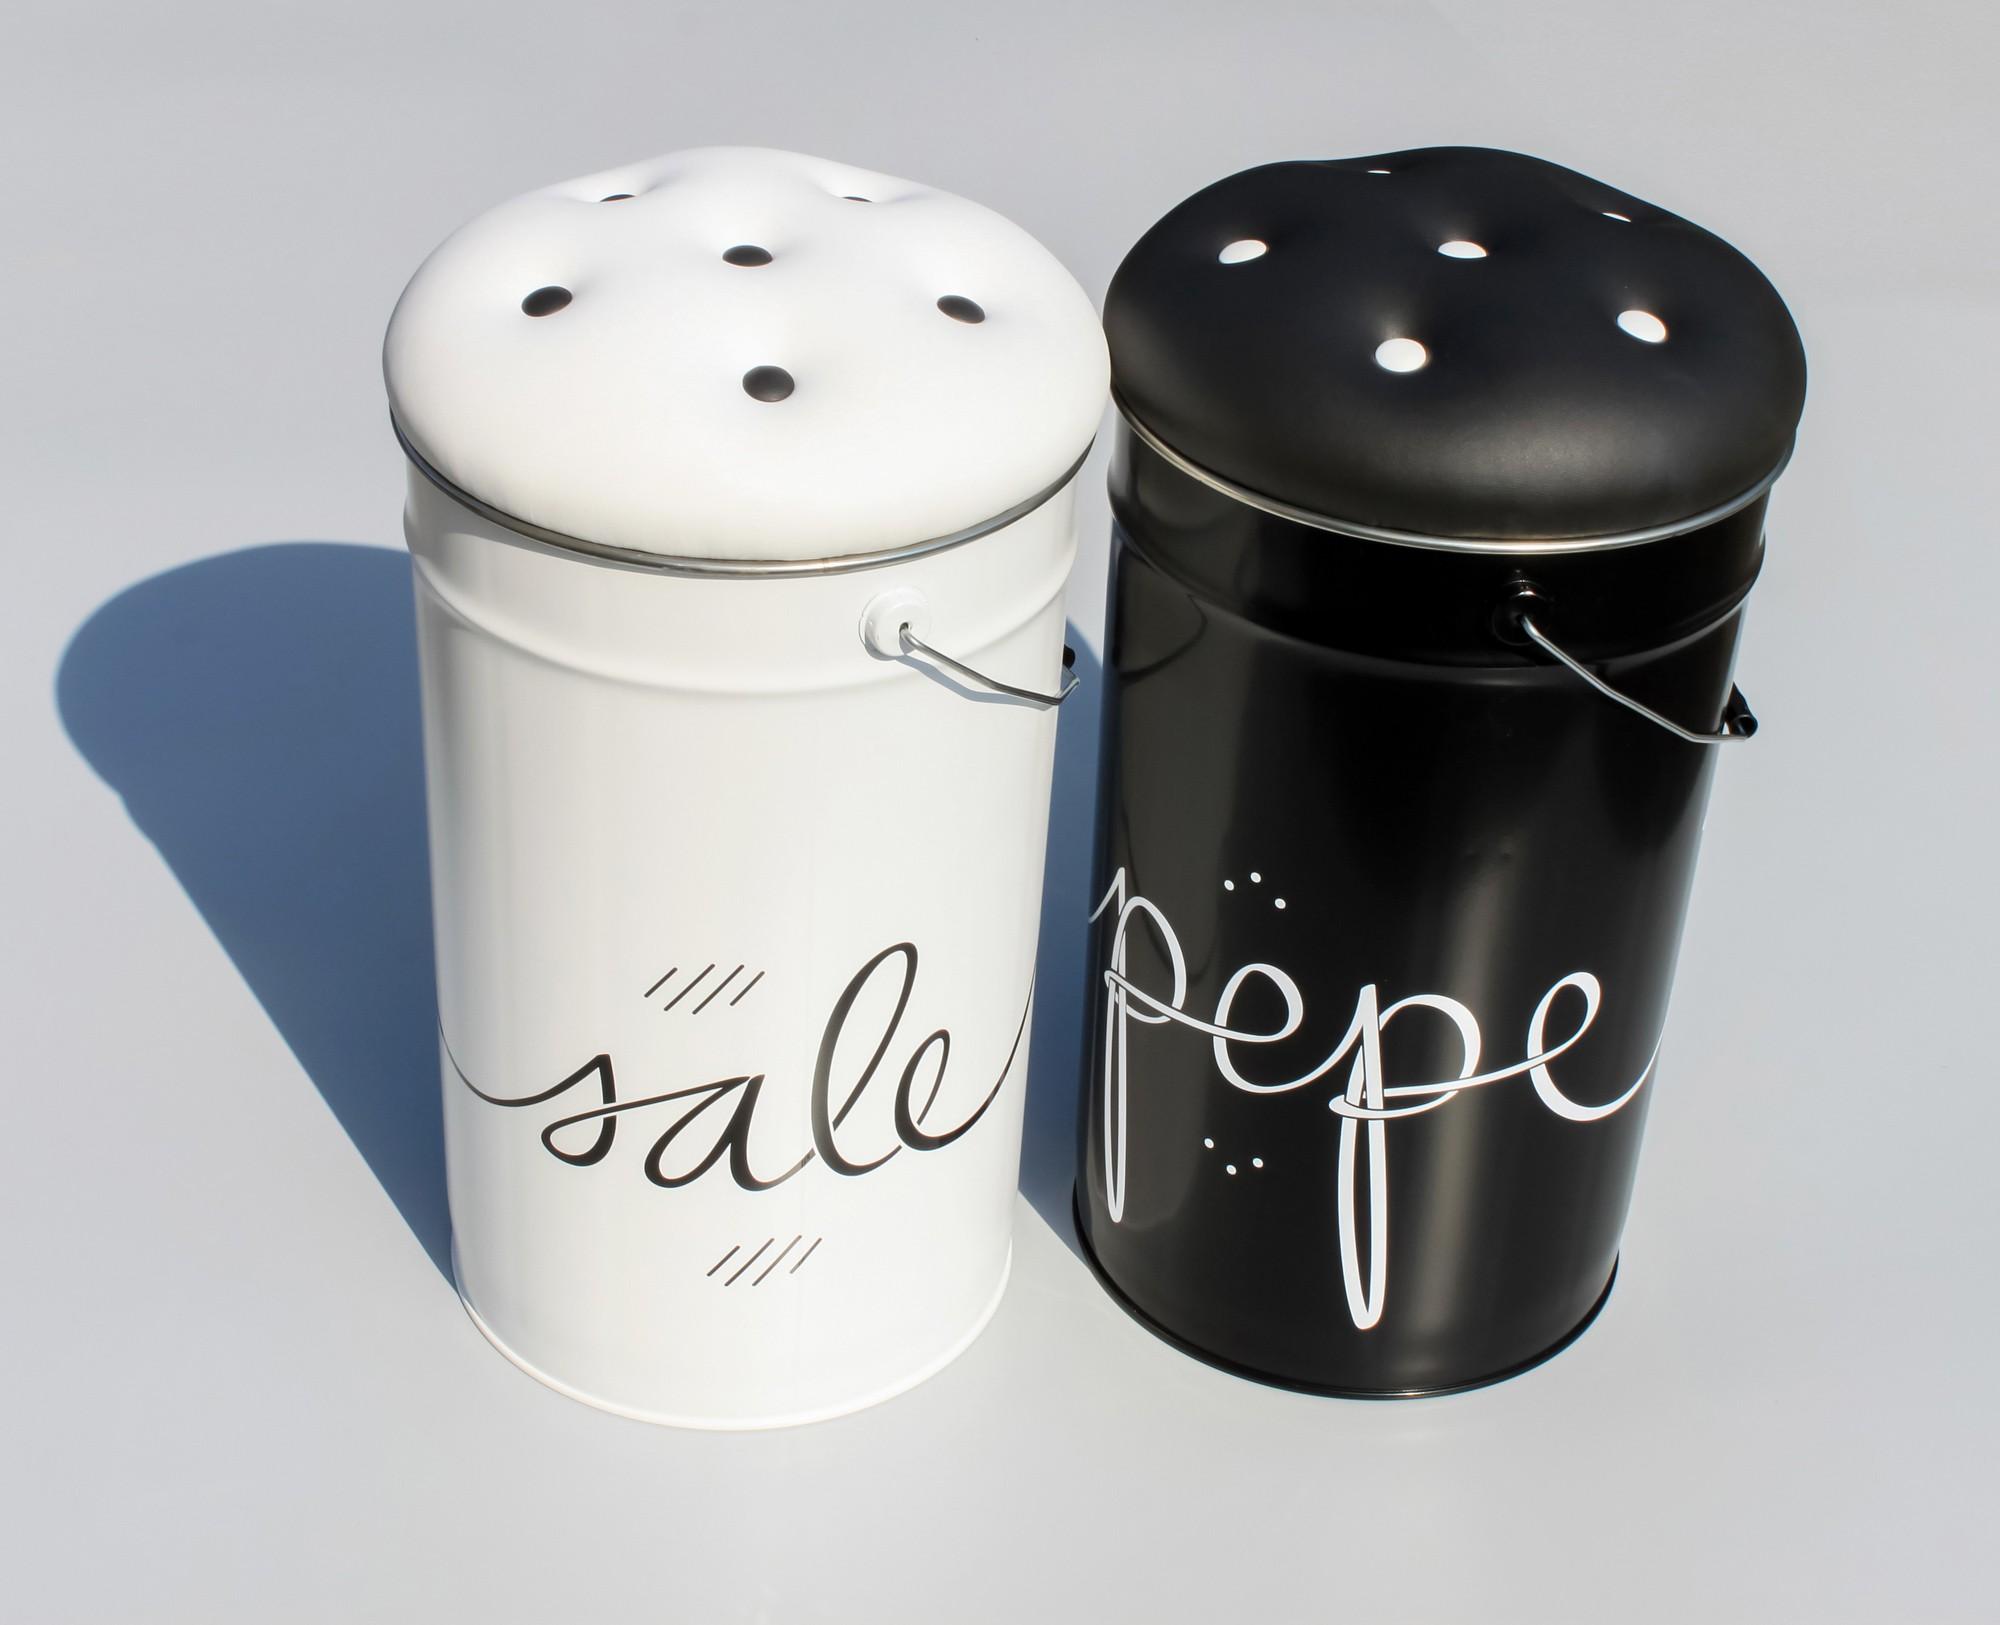 Pouf Sale e Pepe